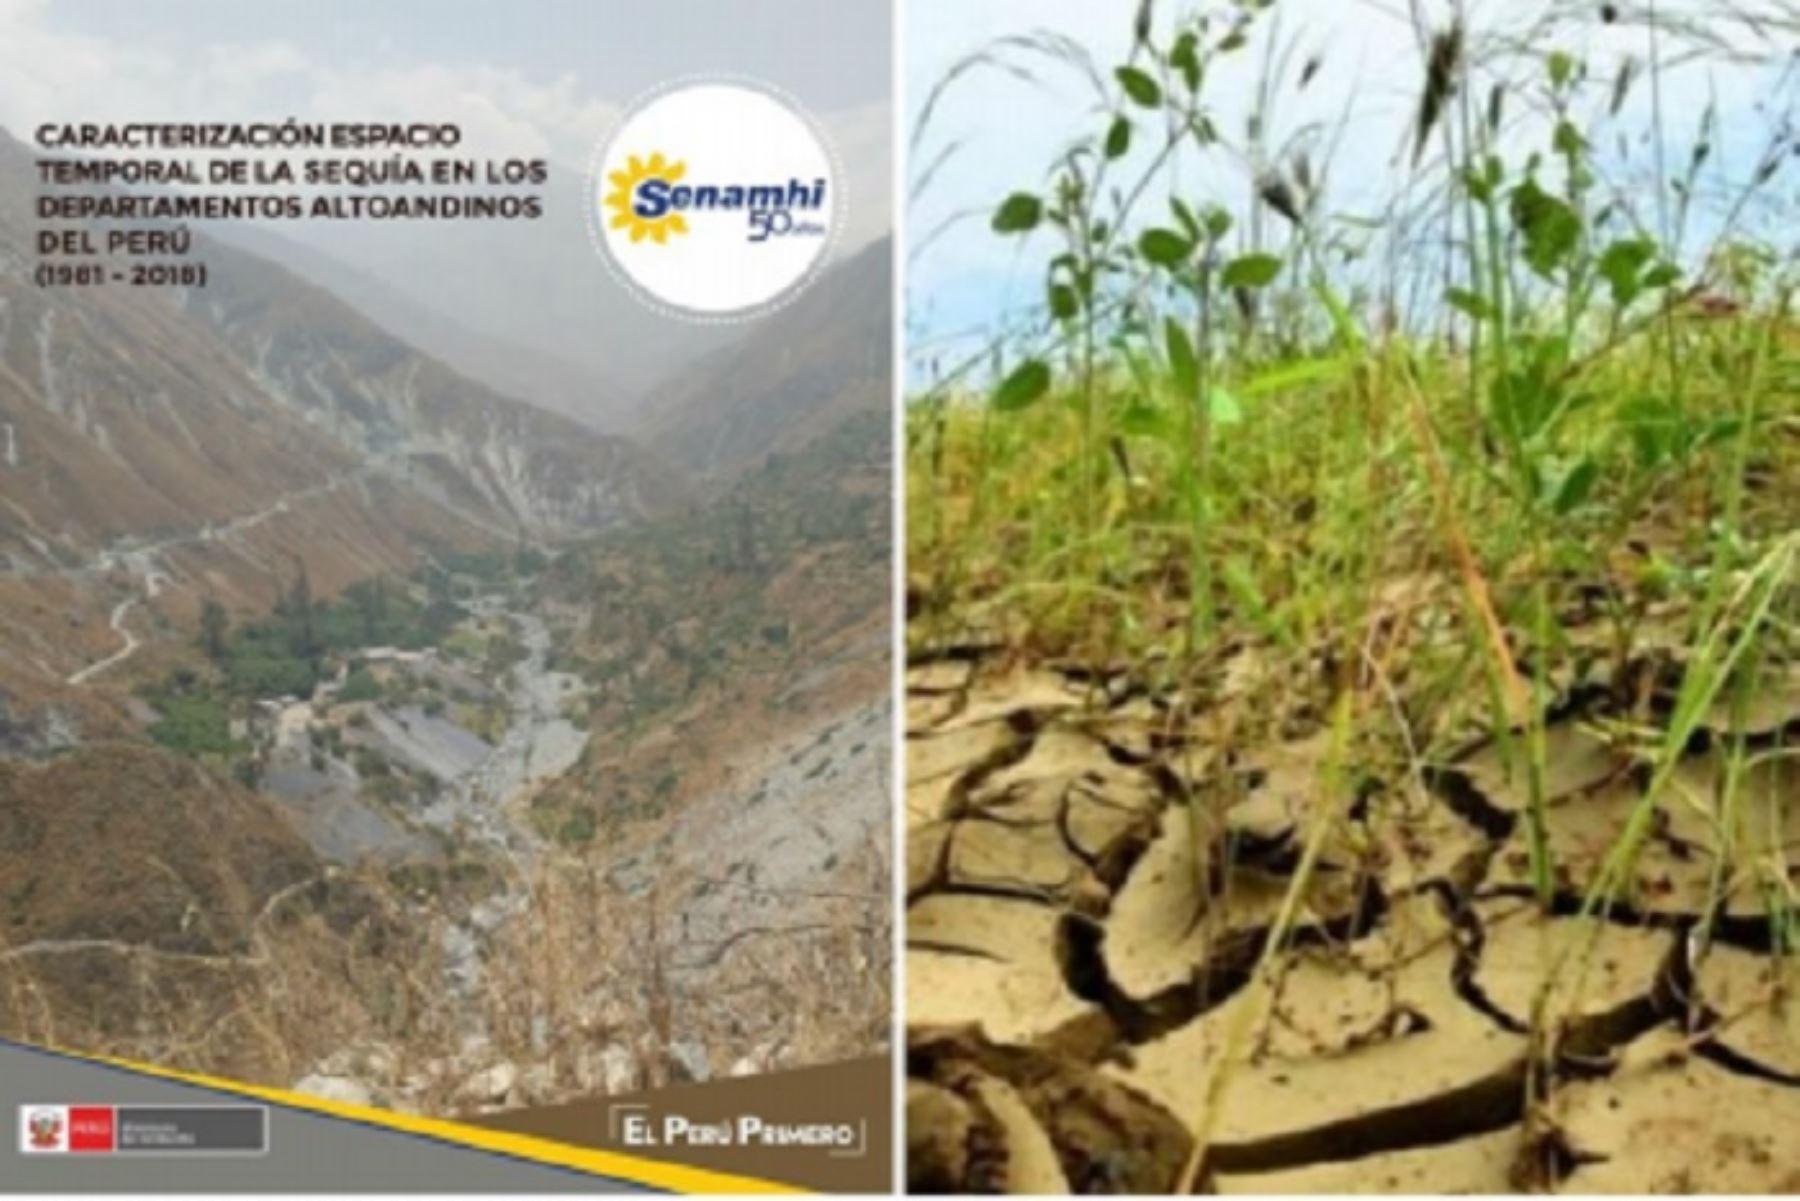 """En los últimos 37 años se han identificado en nuestro país 10 episodios de sequías severas, explica el estudio de """"Caracterización espacio temporal de la sequía en los departamentos altoandinos del Perú (1981-2018)"""" elaborado por especialistas del Grupo de Trabajo de Sequías (GTS) del Servicio Nacional de Meteorología e Hidrología del Perú (Senamhi)."""